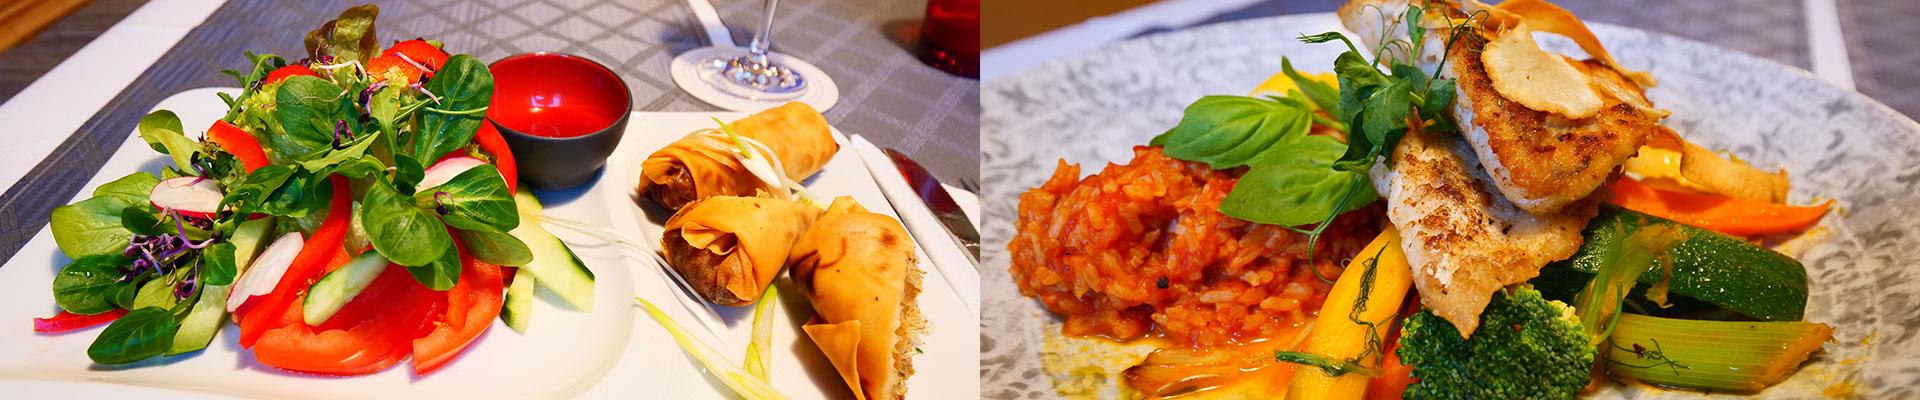 Asiatische Gerichte und Fischgerichte des Restaurants Bei Christian in Massing